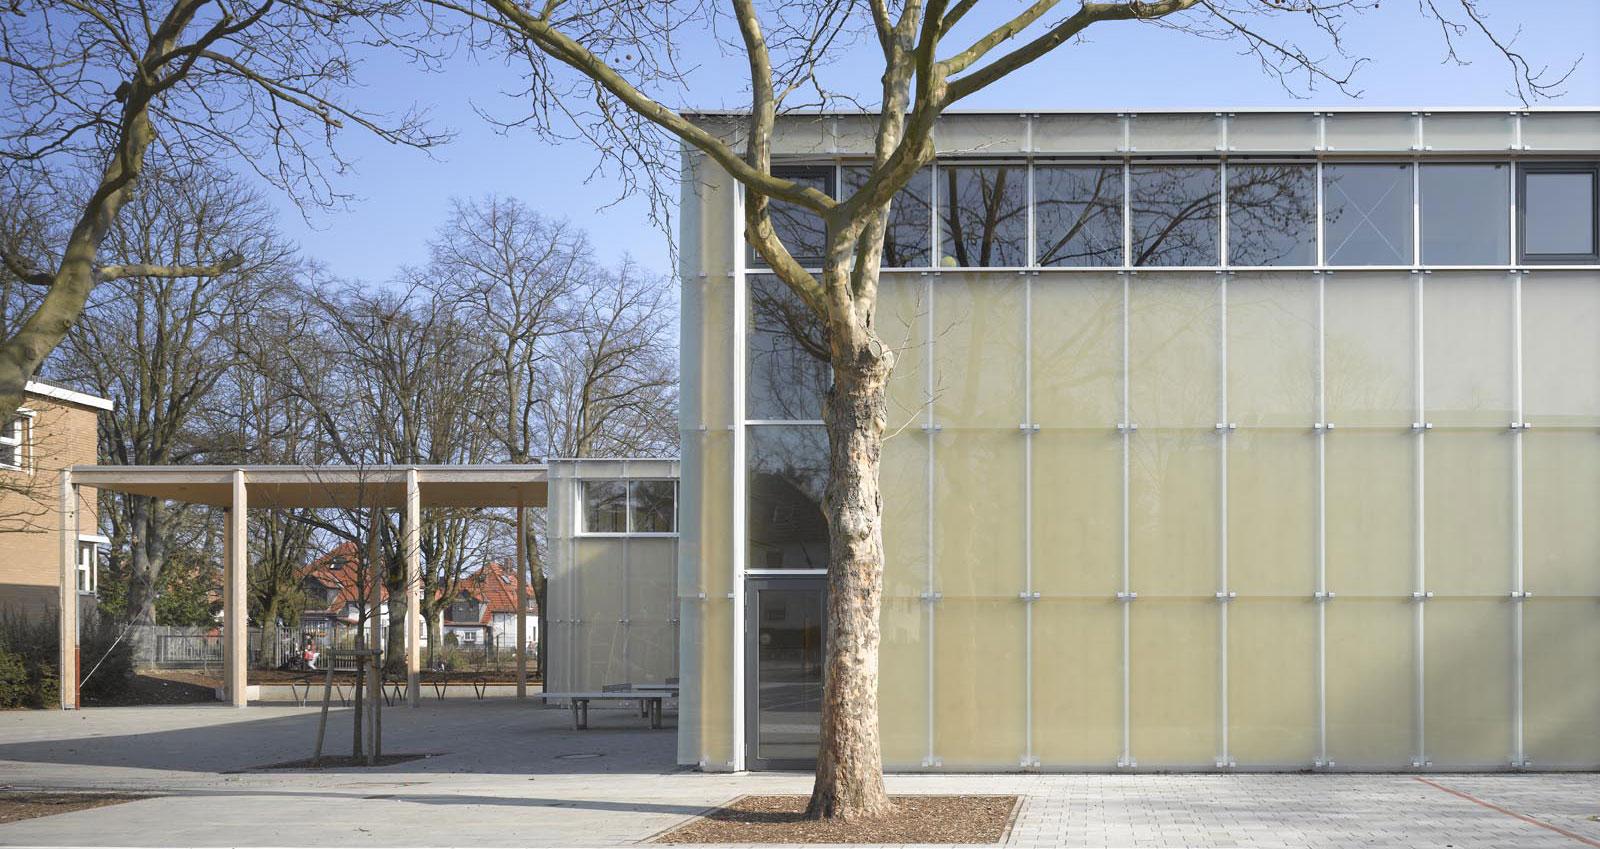 Sportbauten Sporthalle Käthe Kollwitz Frankfurt 6a